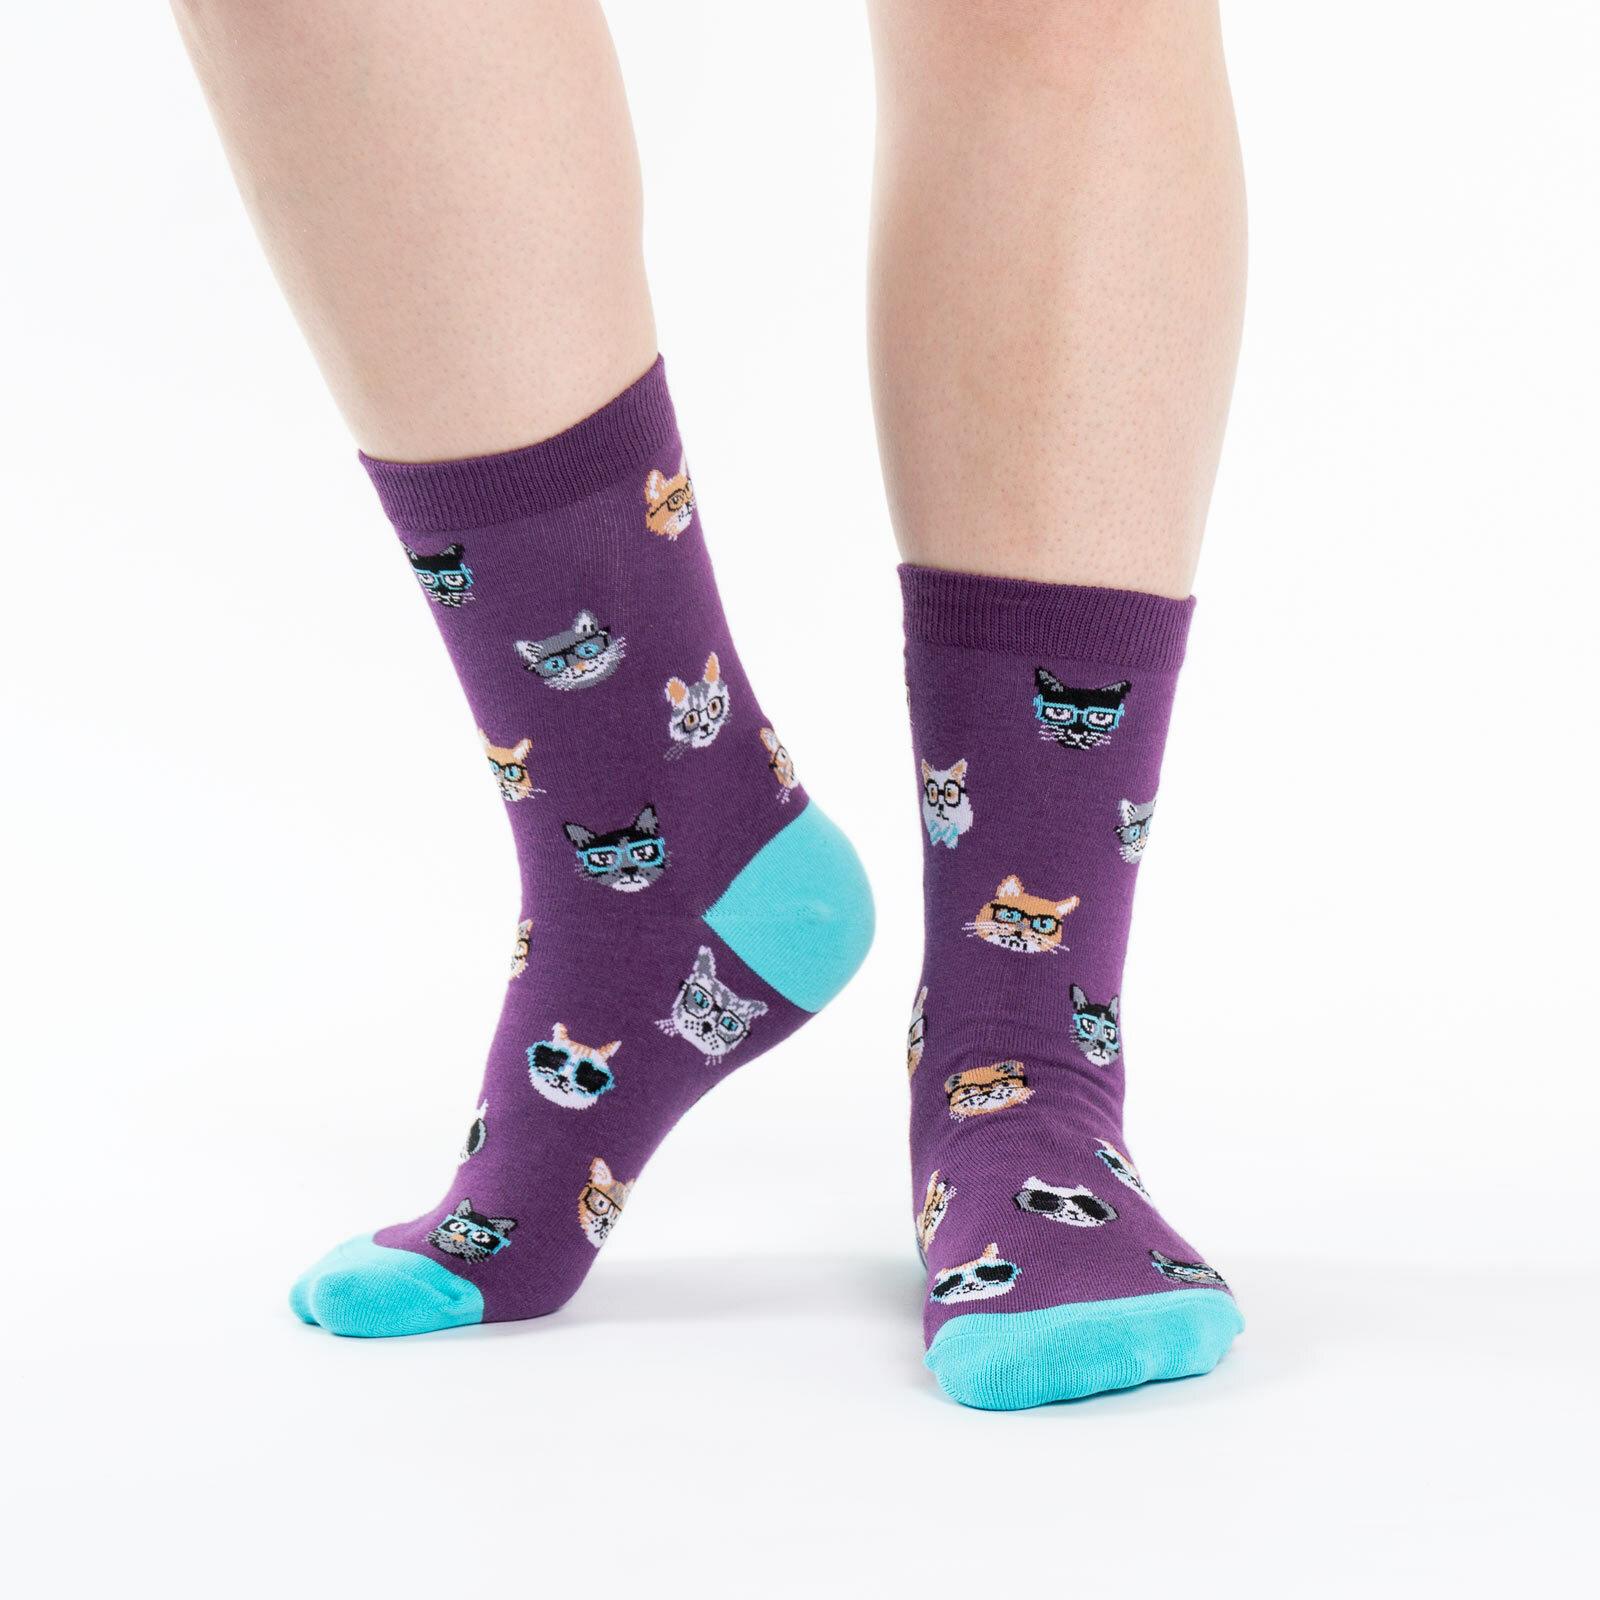 """model wearing {""""W0090"""":""""Smarty Cats - Cat Crew Socks Purple - Women's """",""""W0090-1"""":""""Smarty Cats - Cat Crew Socks Rust Orange - Women's """"}"""